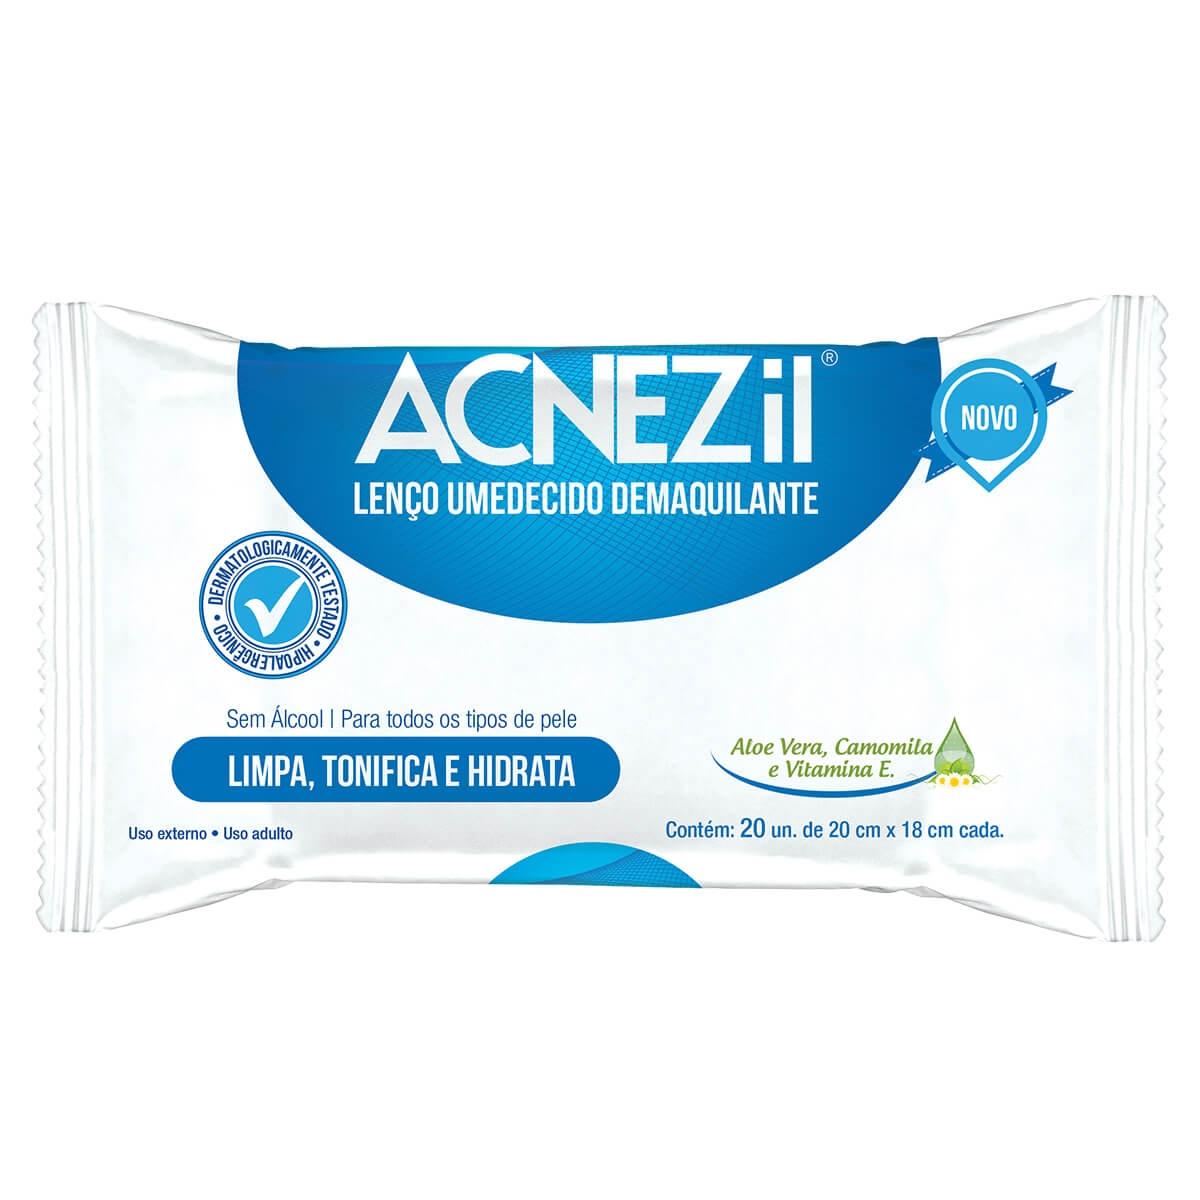 Lenço Umedecido Demaquilante Acnezil 20 Unidades